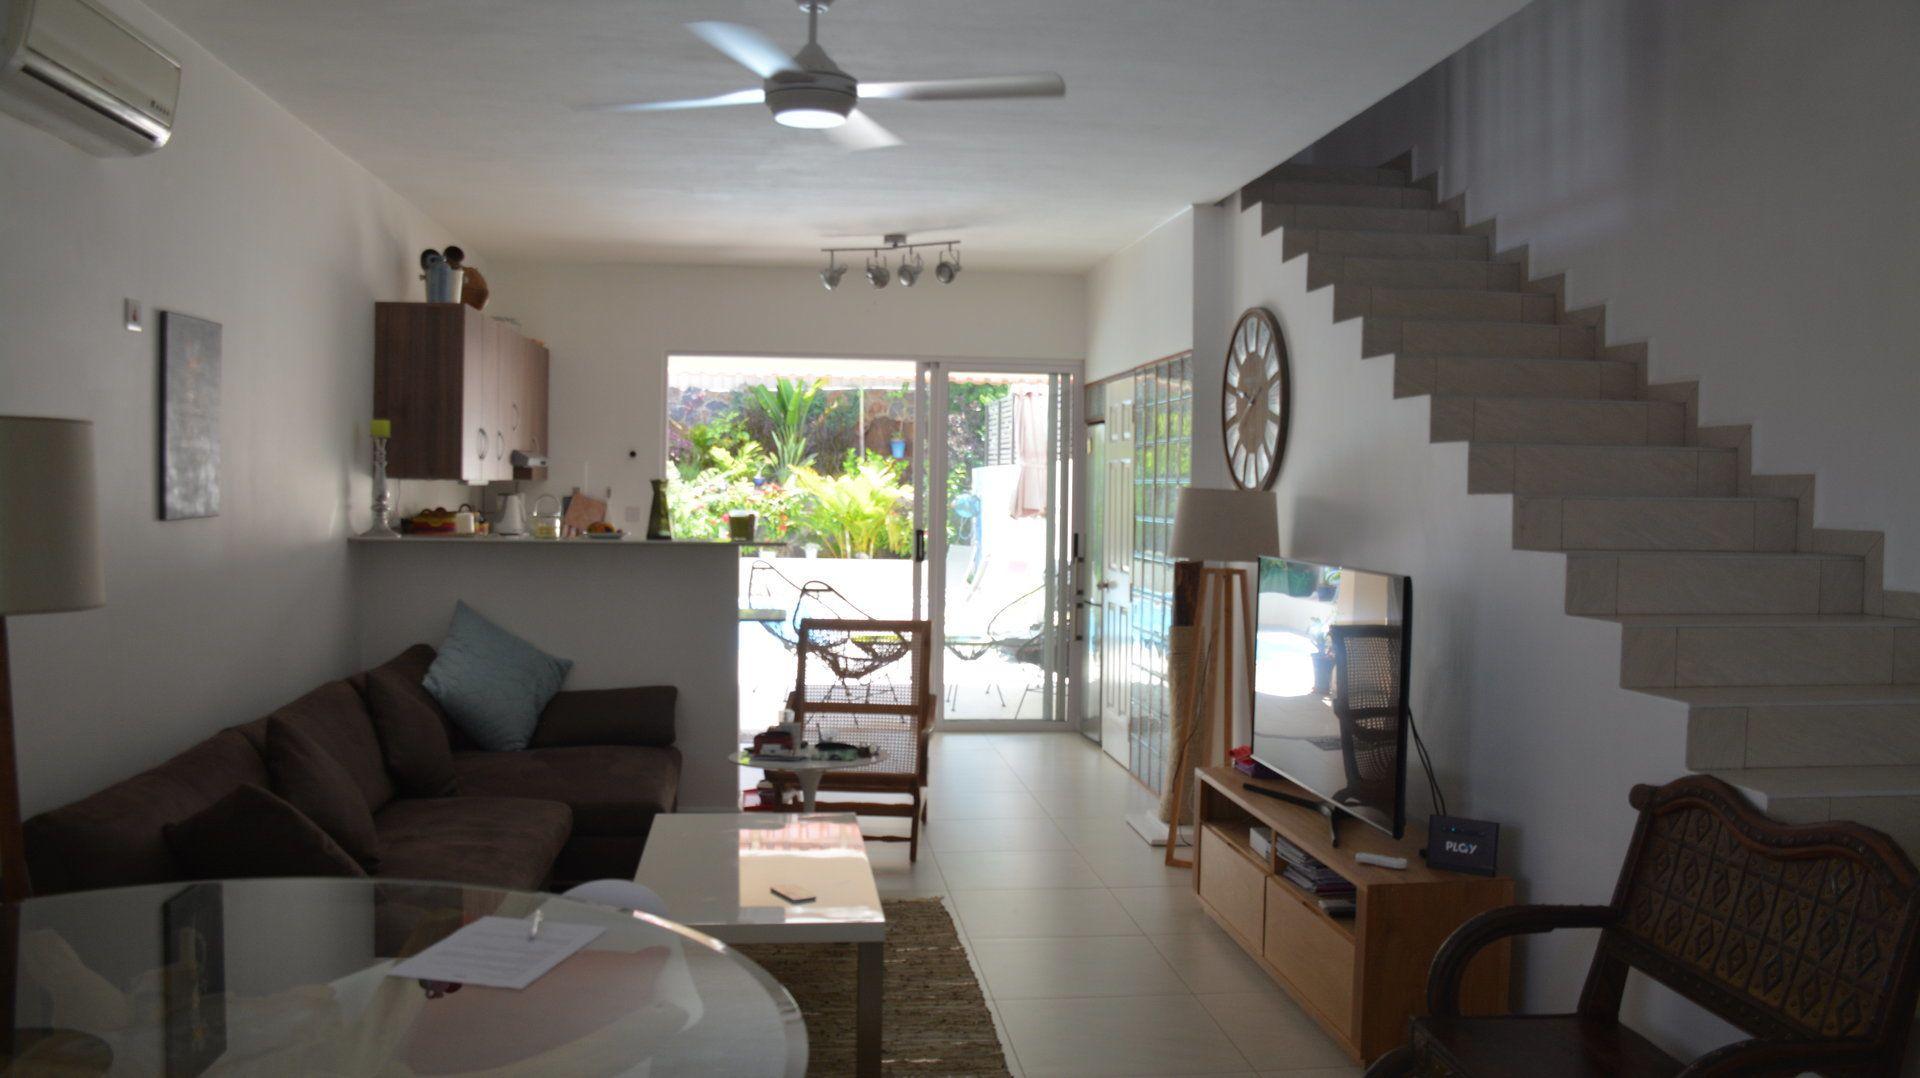 Maison à vendre 4 147m2 à Ile Maurice vignette-10